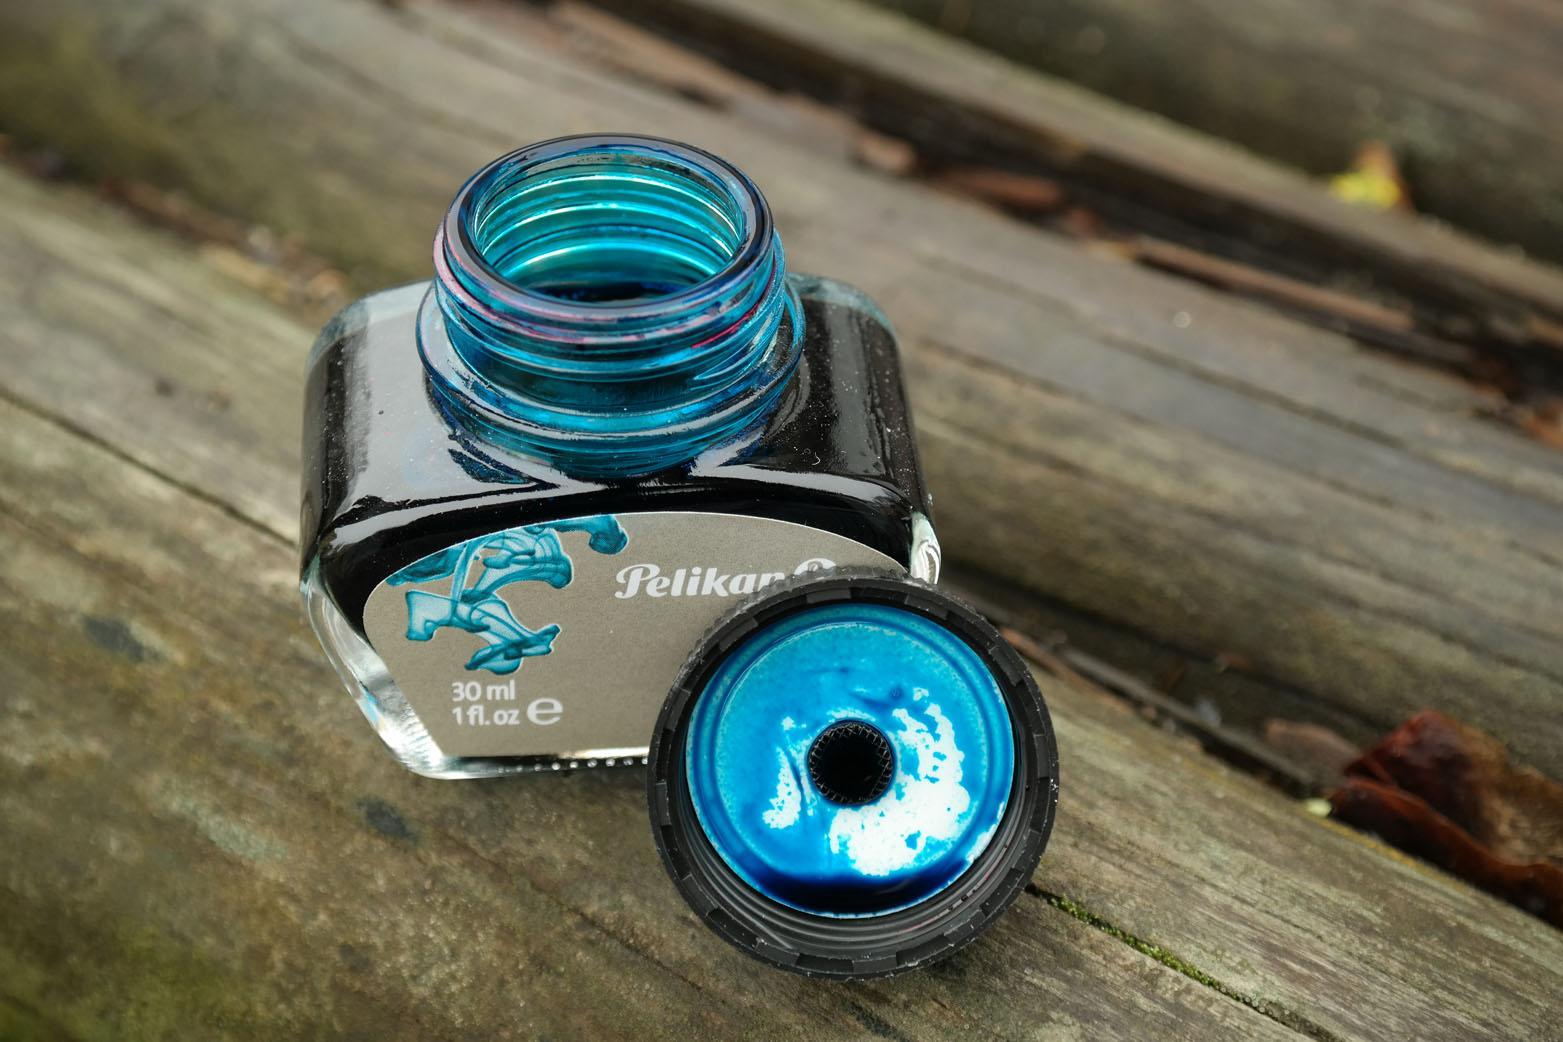 fpn_1457290478__turquoise_4001_bottle.jp